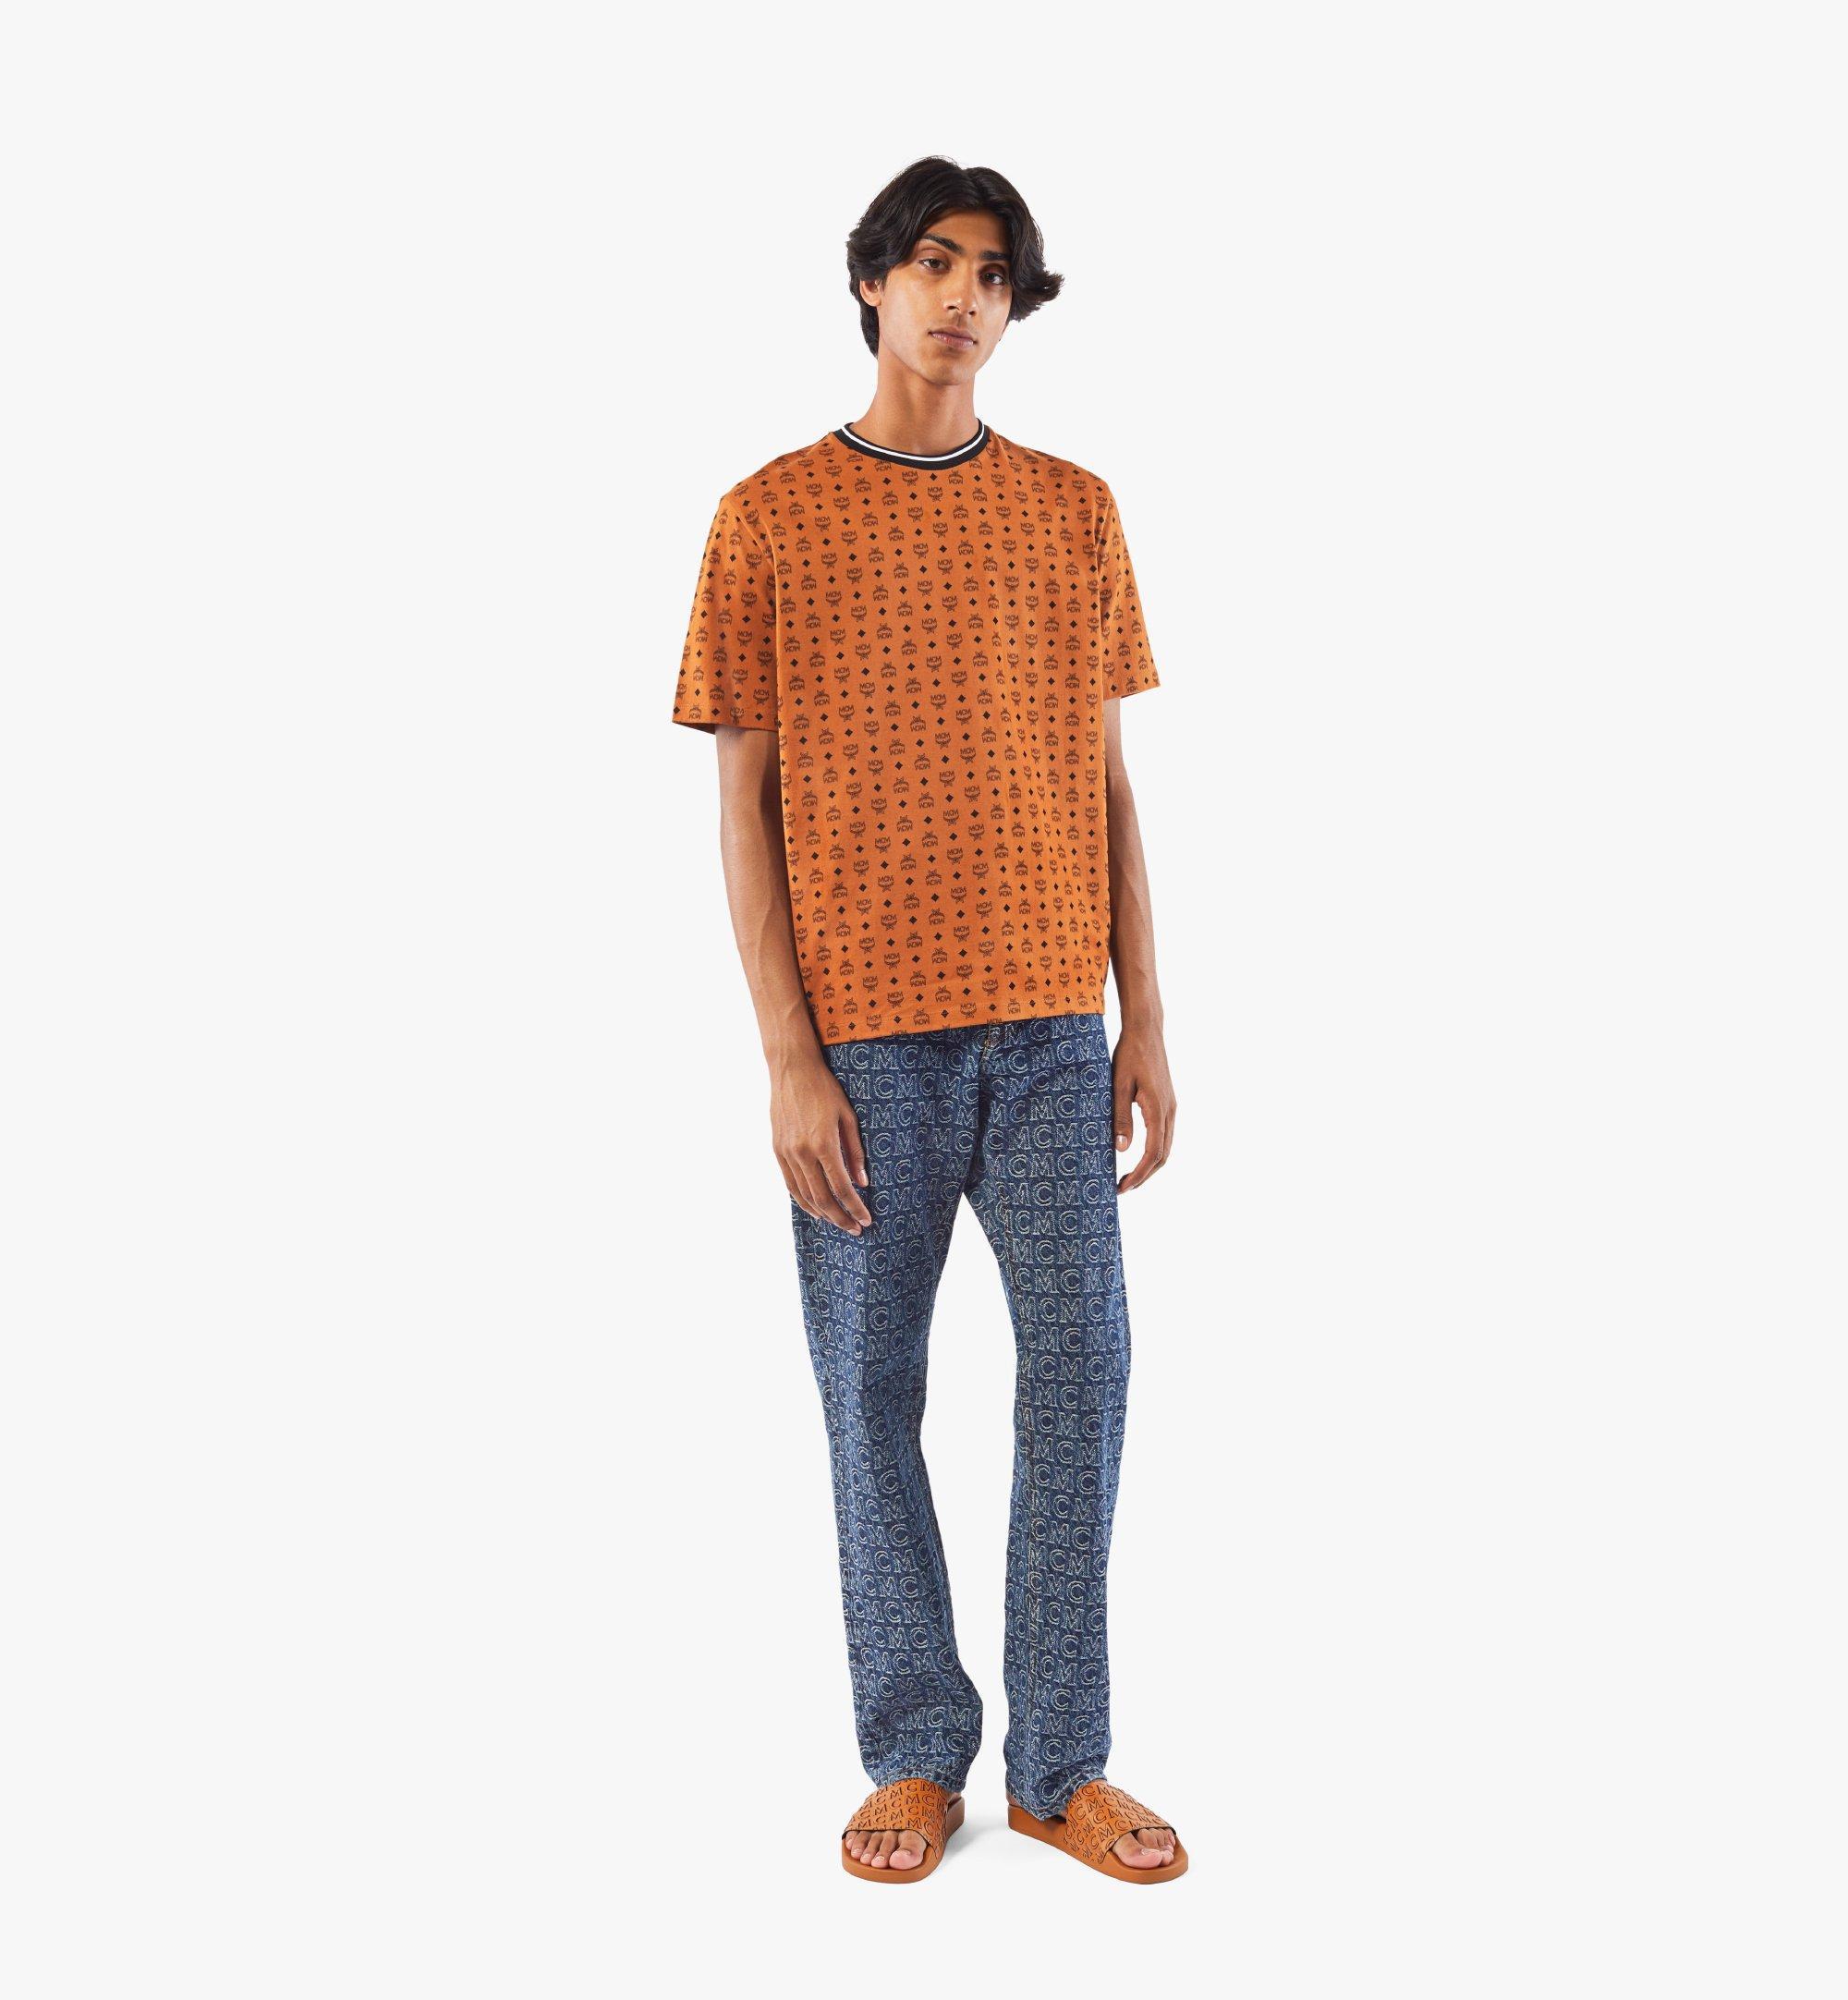 MCM 男士Visetos印花T恤 Cognac MHTAAMM05CO00L 更多视角 2